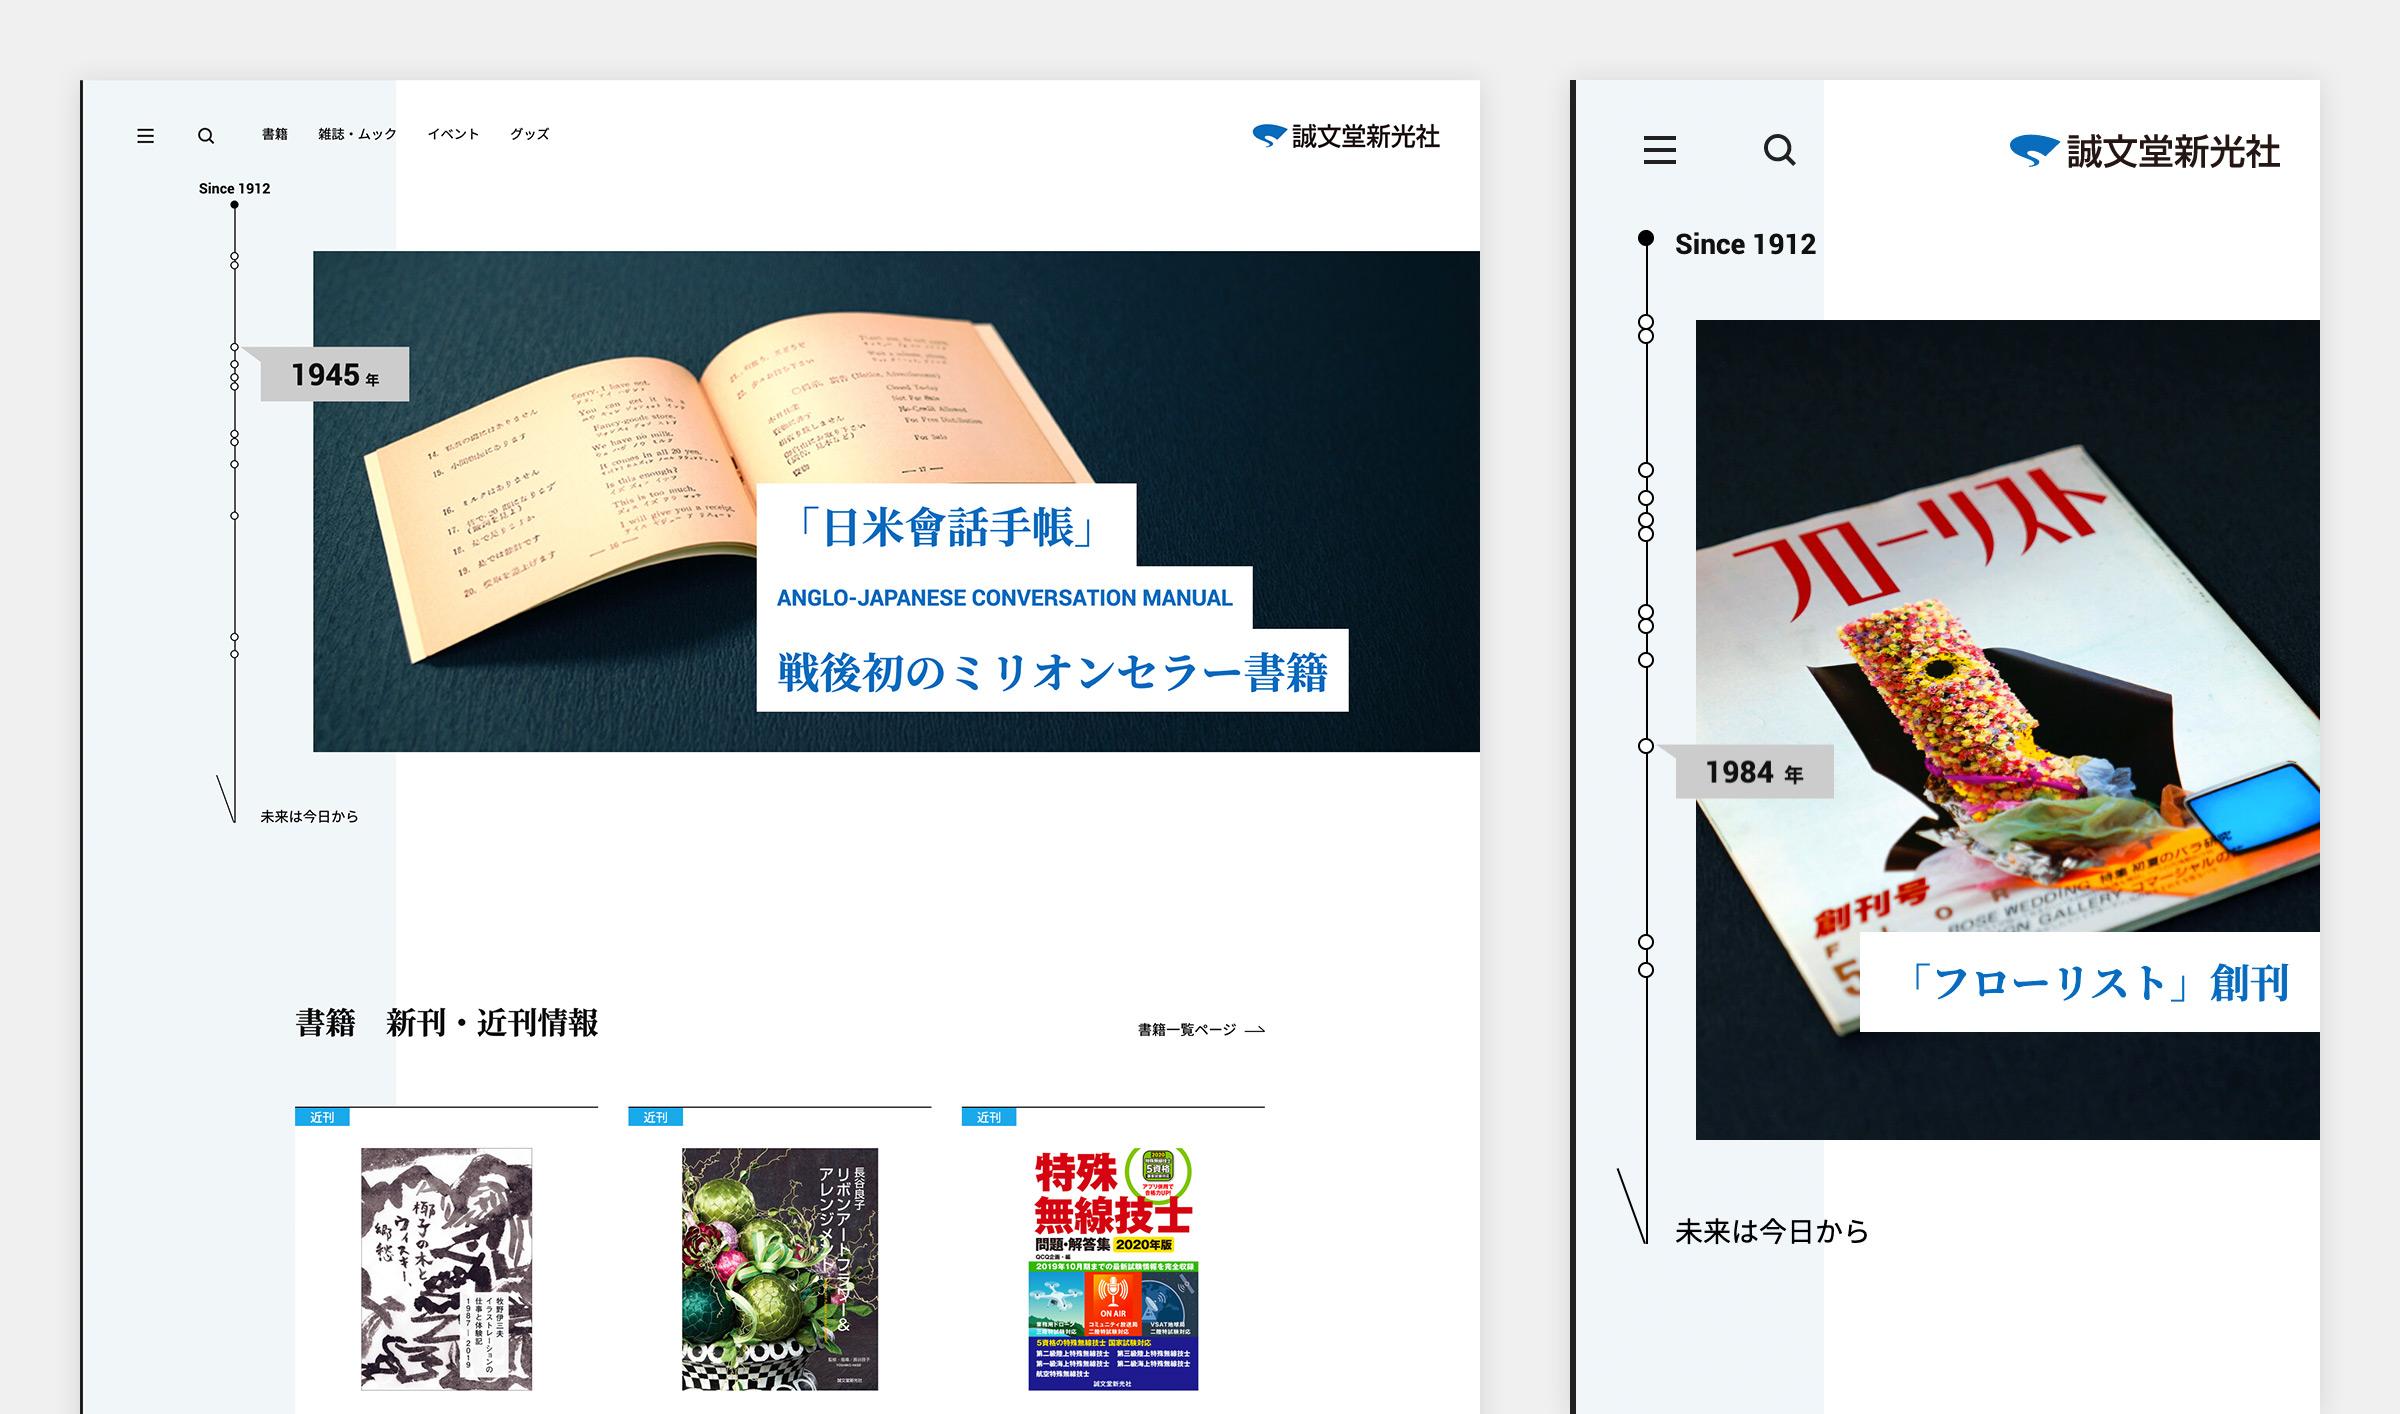 株式会社誠文堂新光社